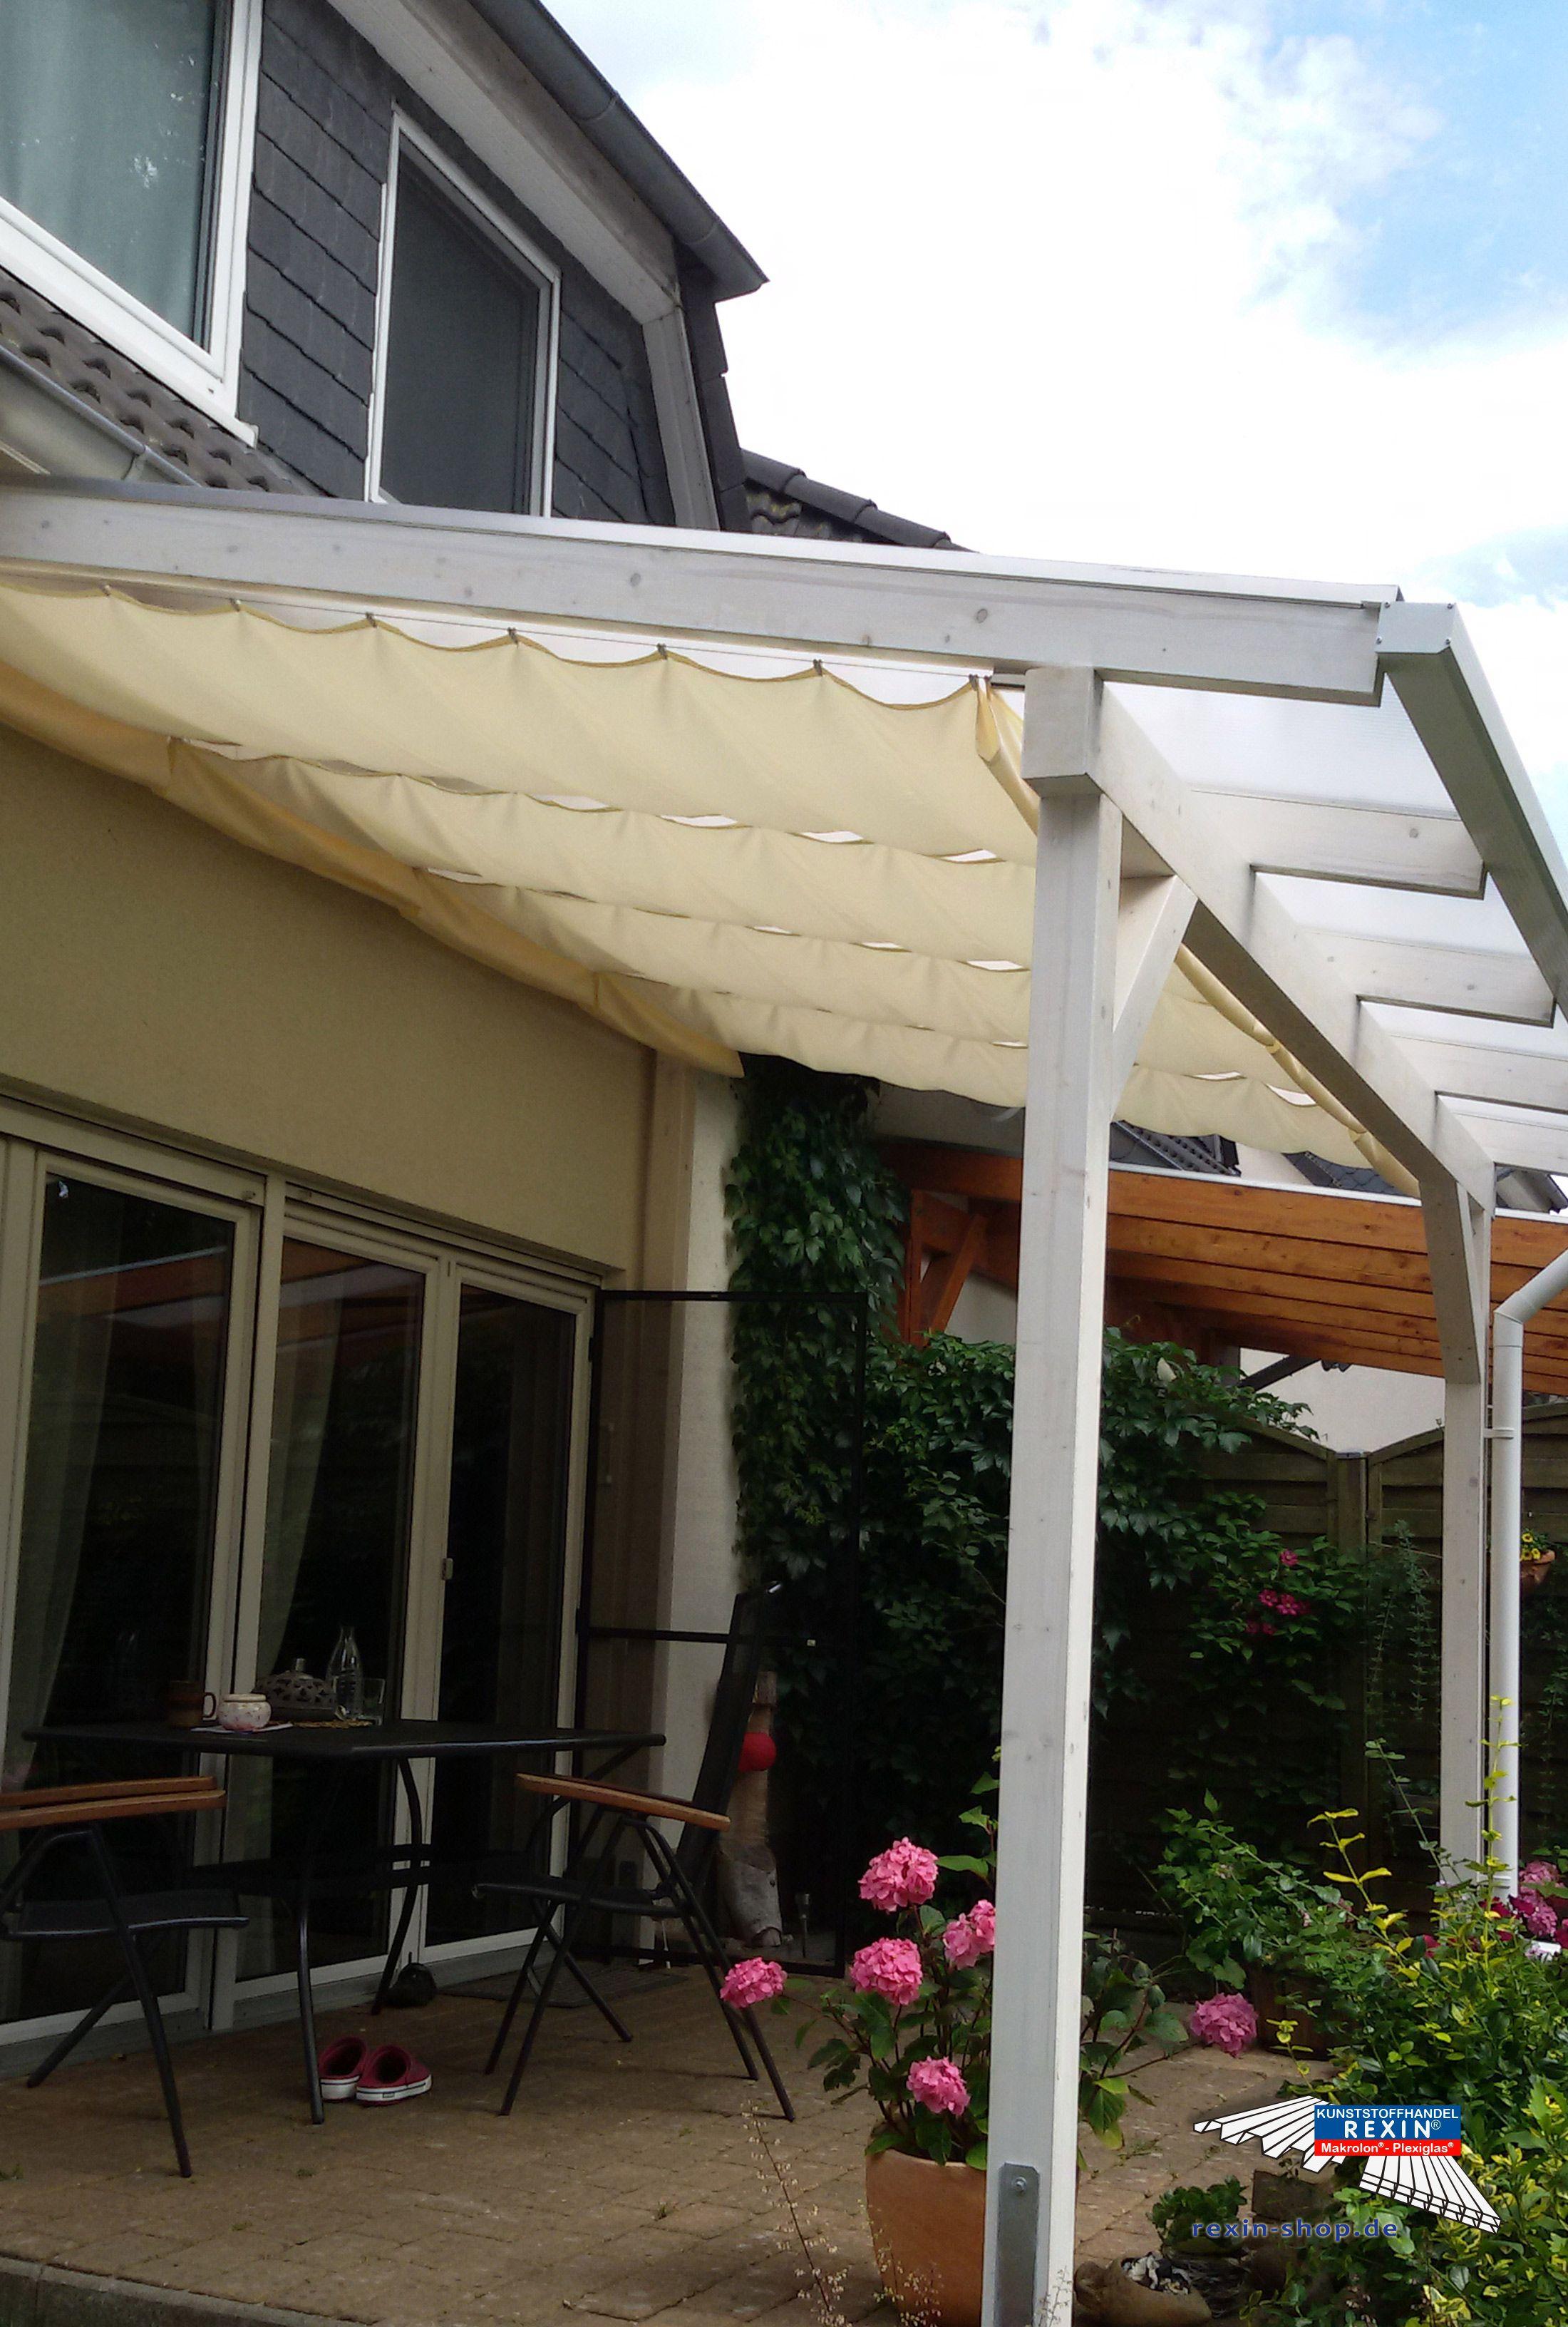 ein holz terrassendach der marke rexocomplete 4m x 3m in wei mit eiskristall stegplatten f r. Black Bedroom Furniture Sets. Home Design Ideas